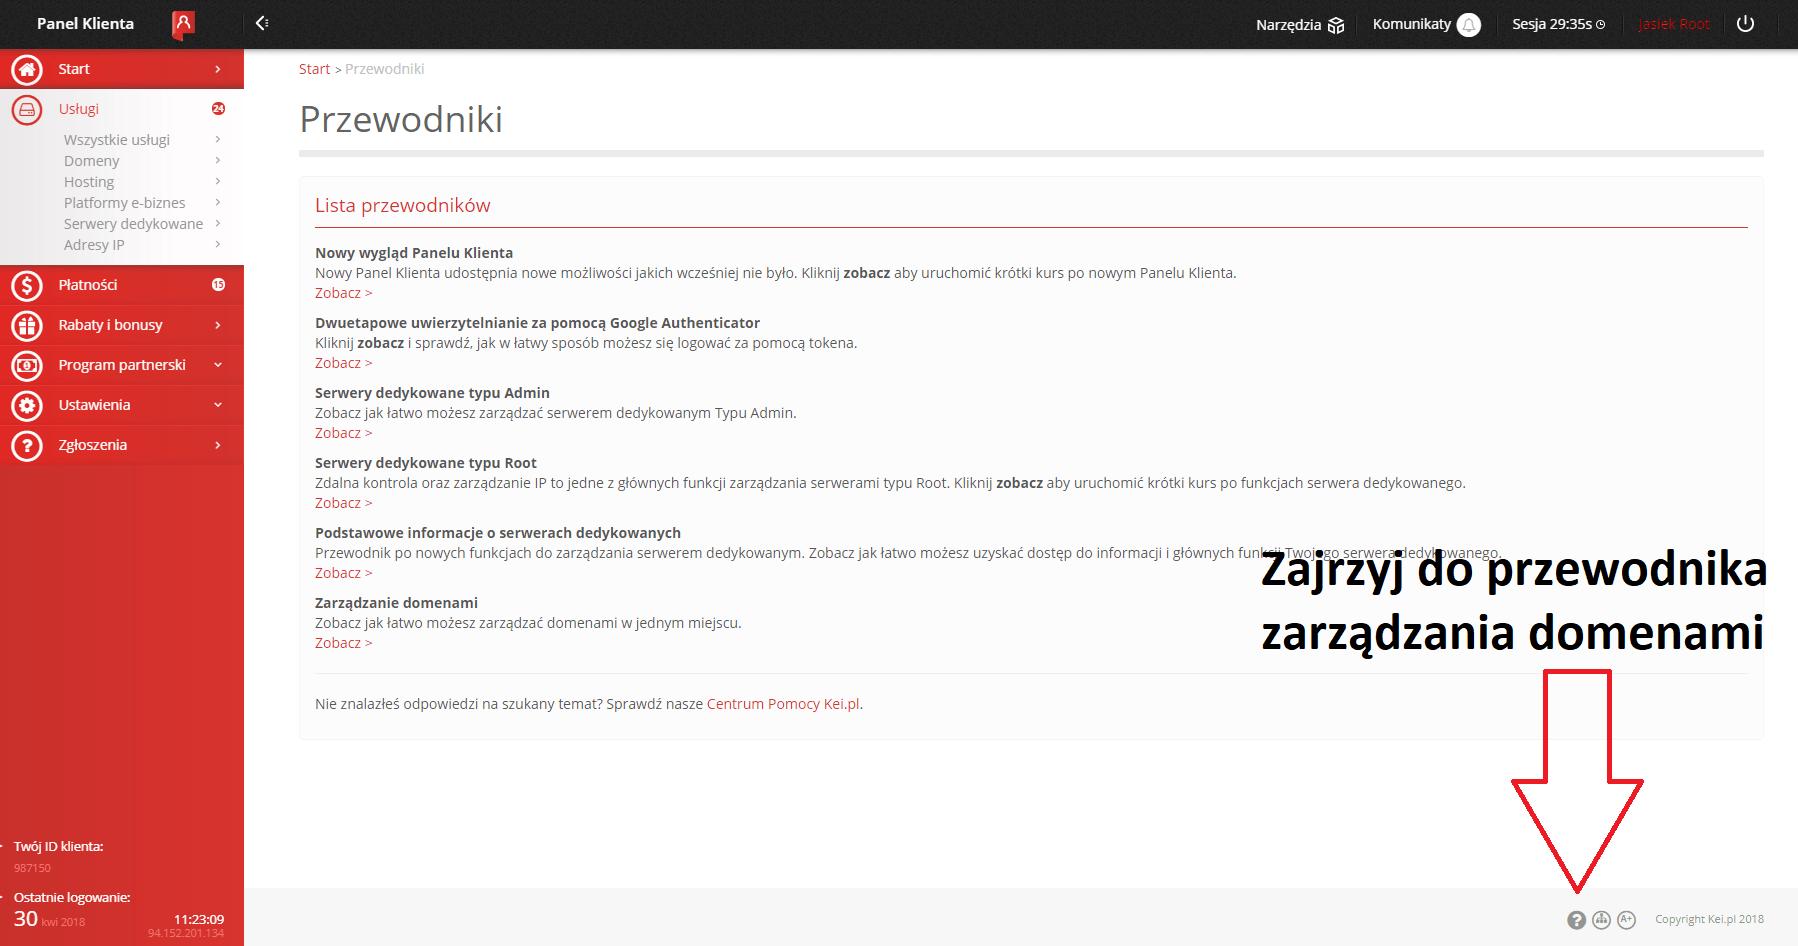 Przewodnik zarządzania domenami w panelu Kei.pl